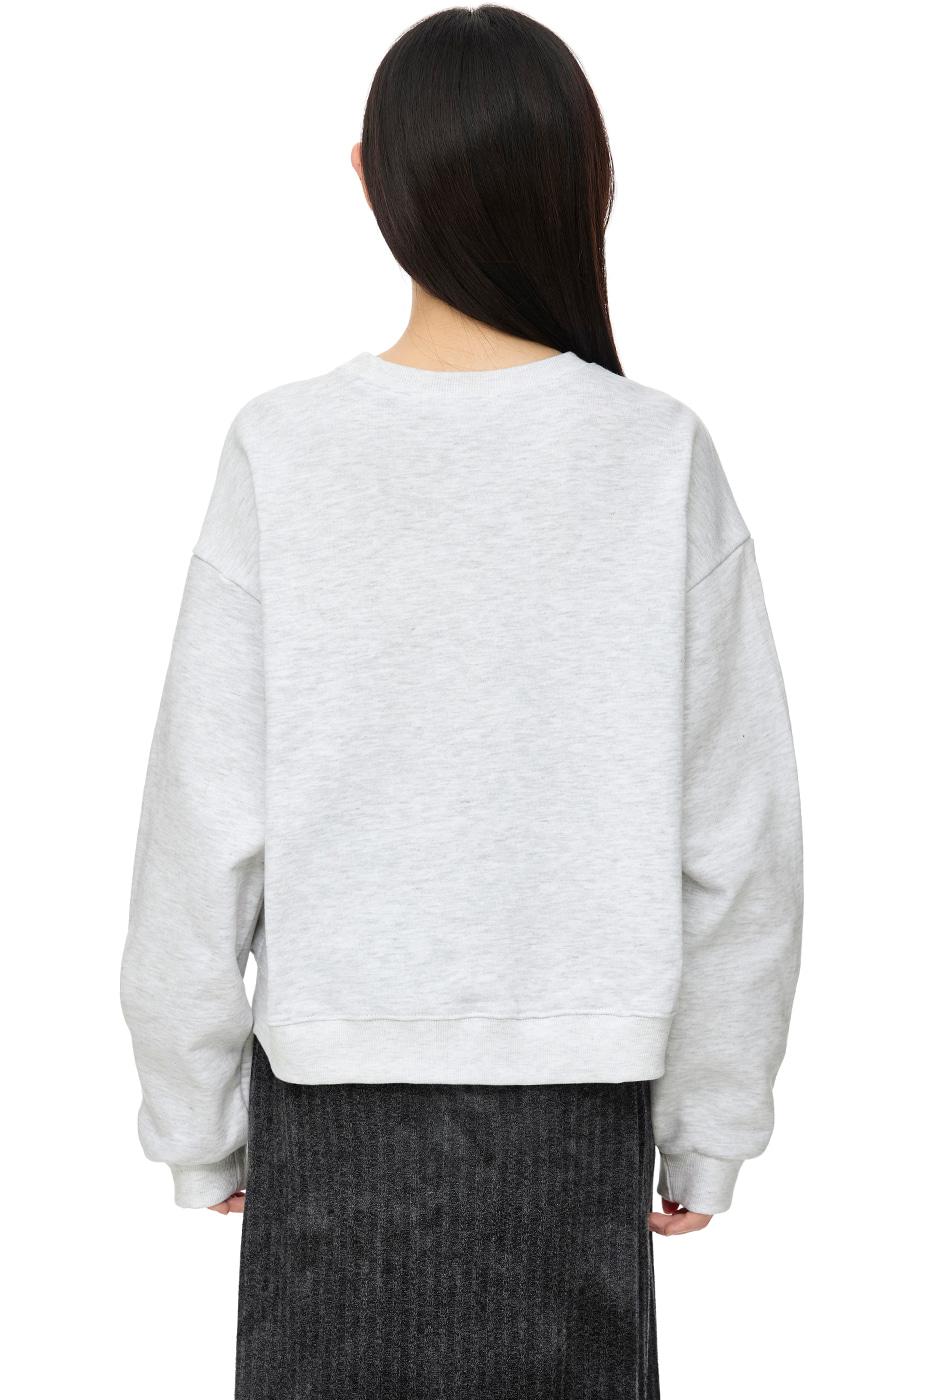 deer-print crew-neck sweatshirt